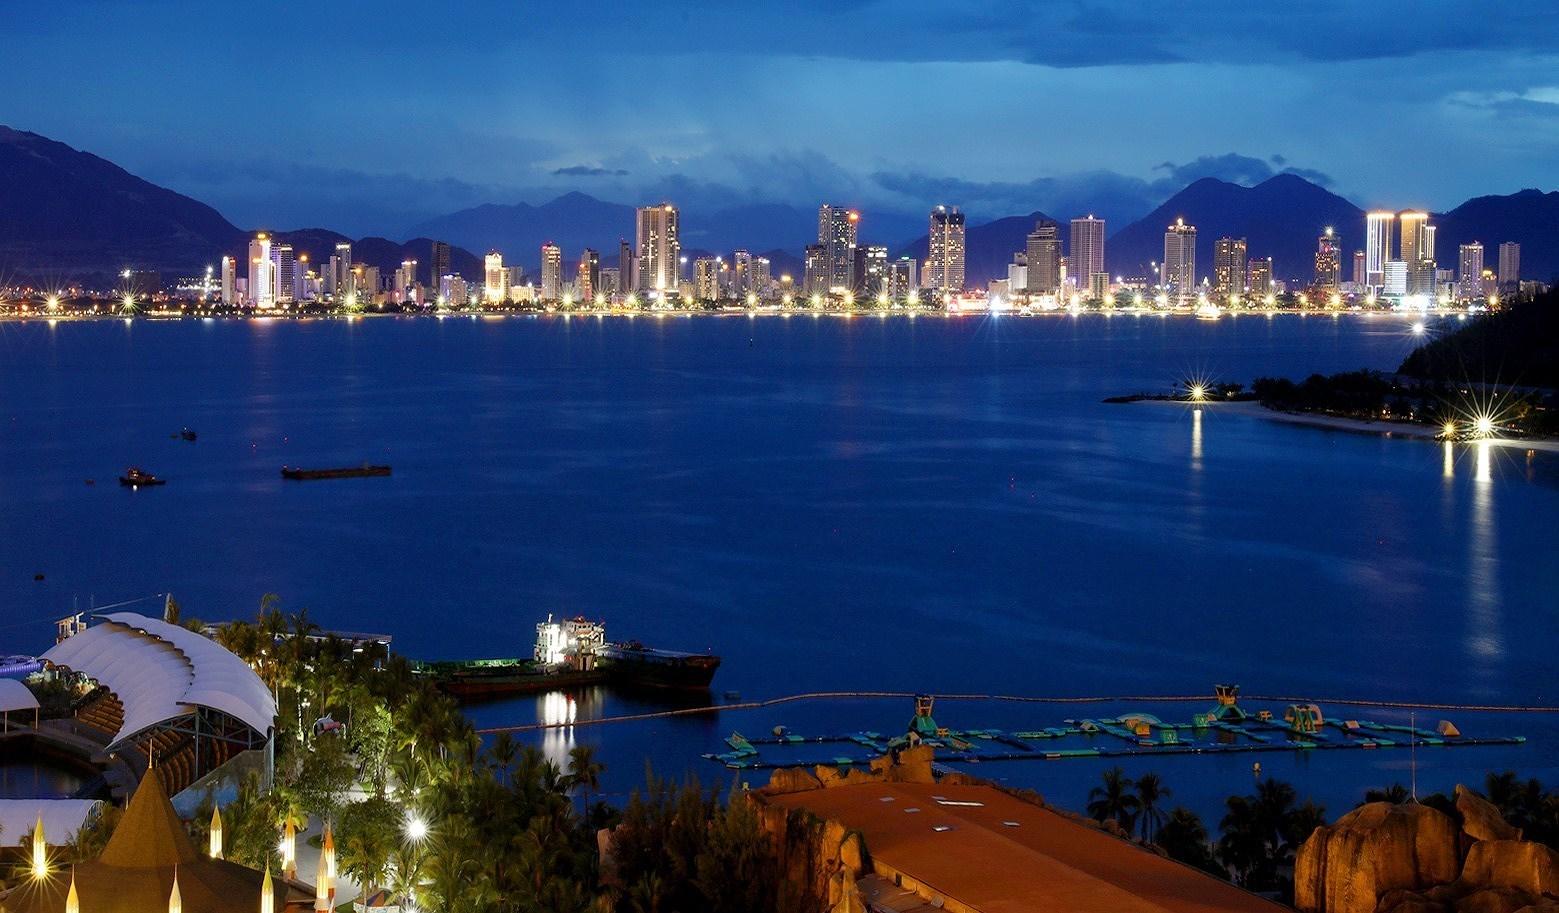 Nha Trang - beautiful coastal city hinh anh 5